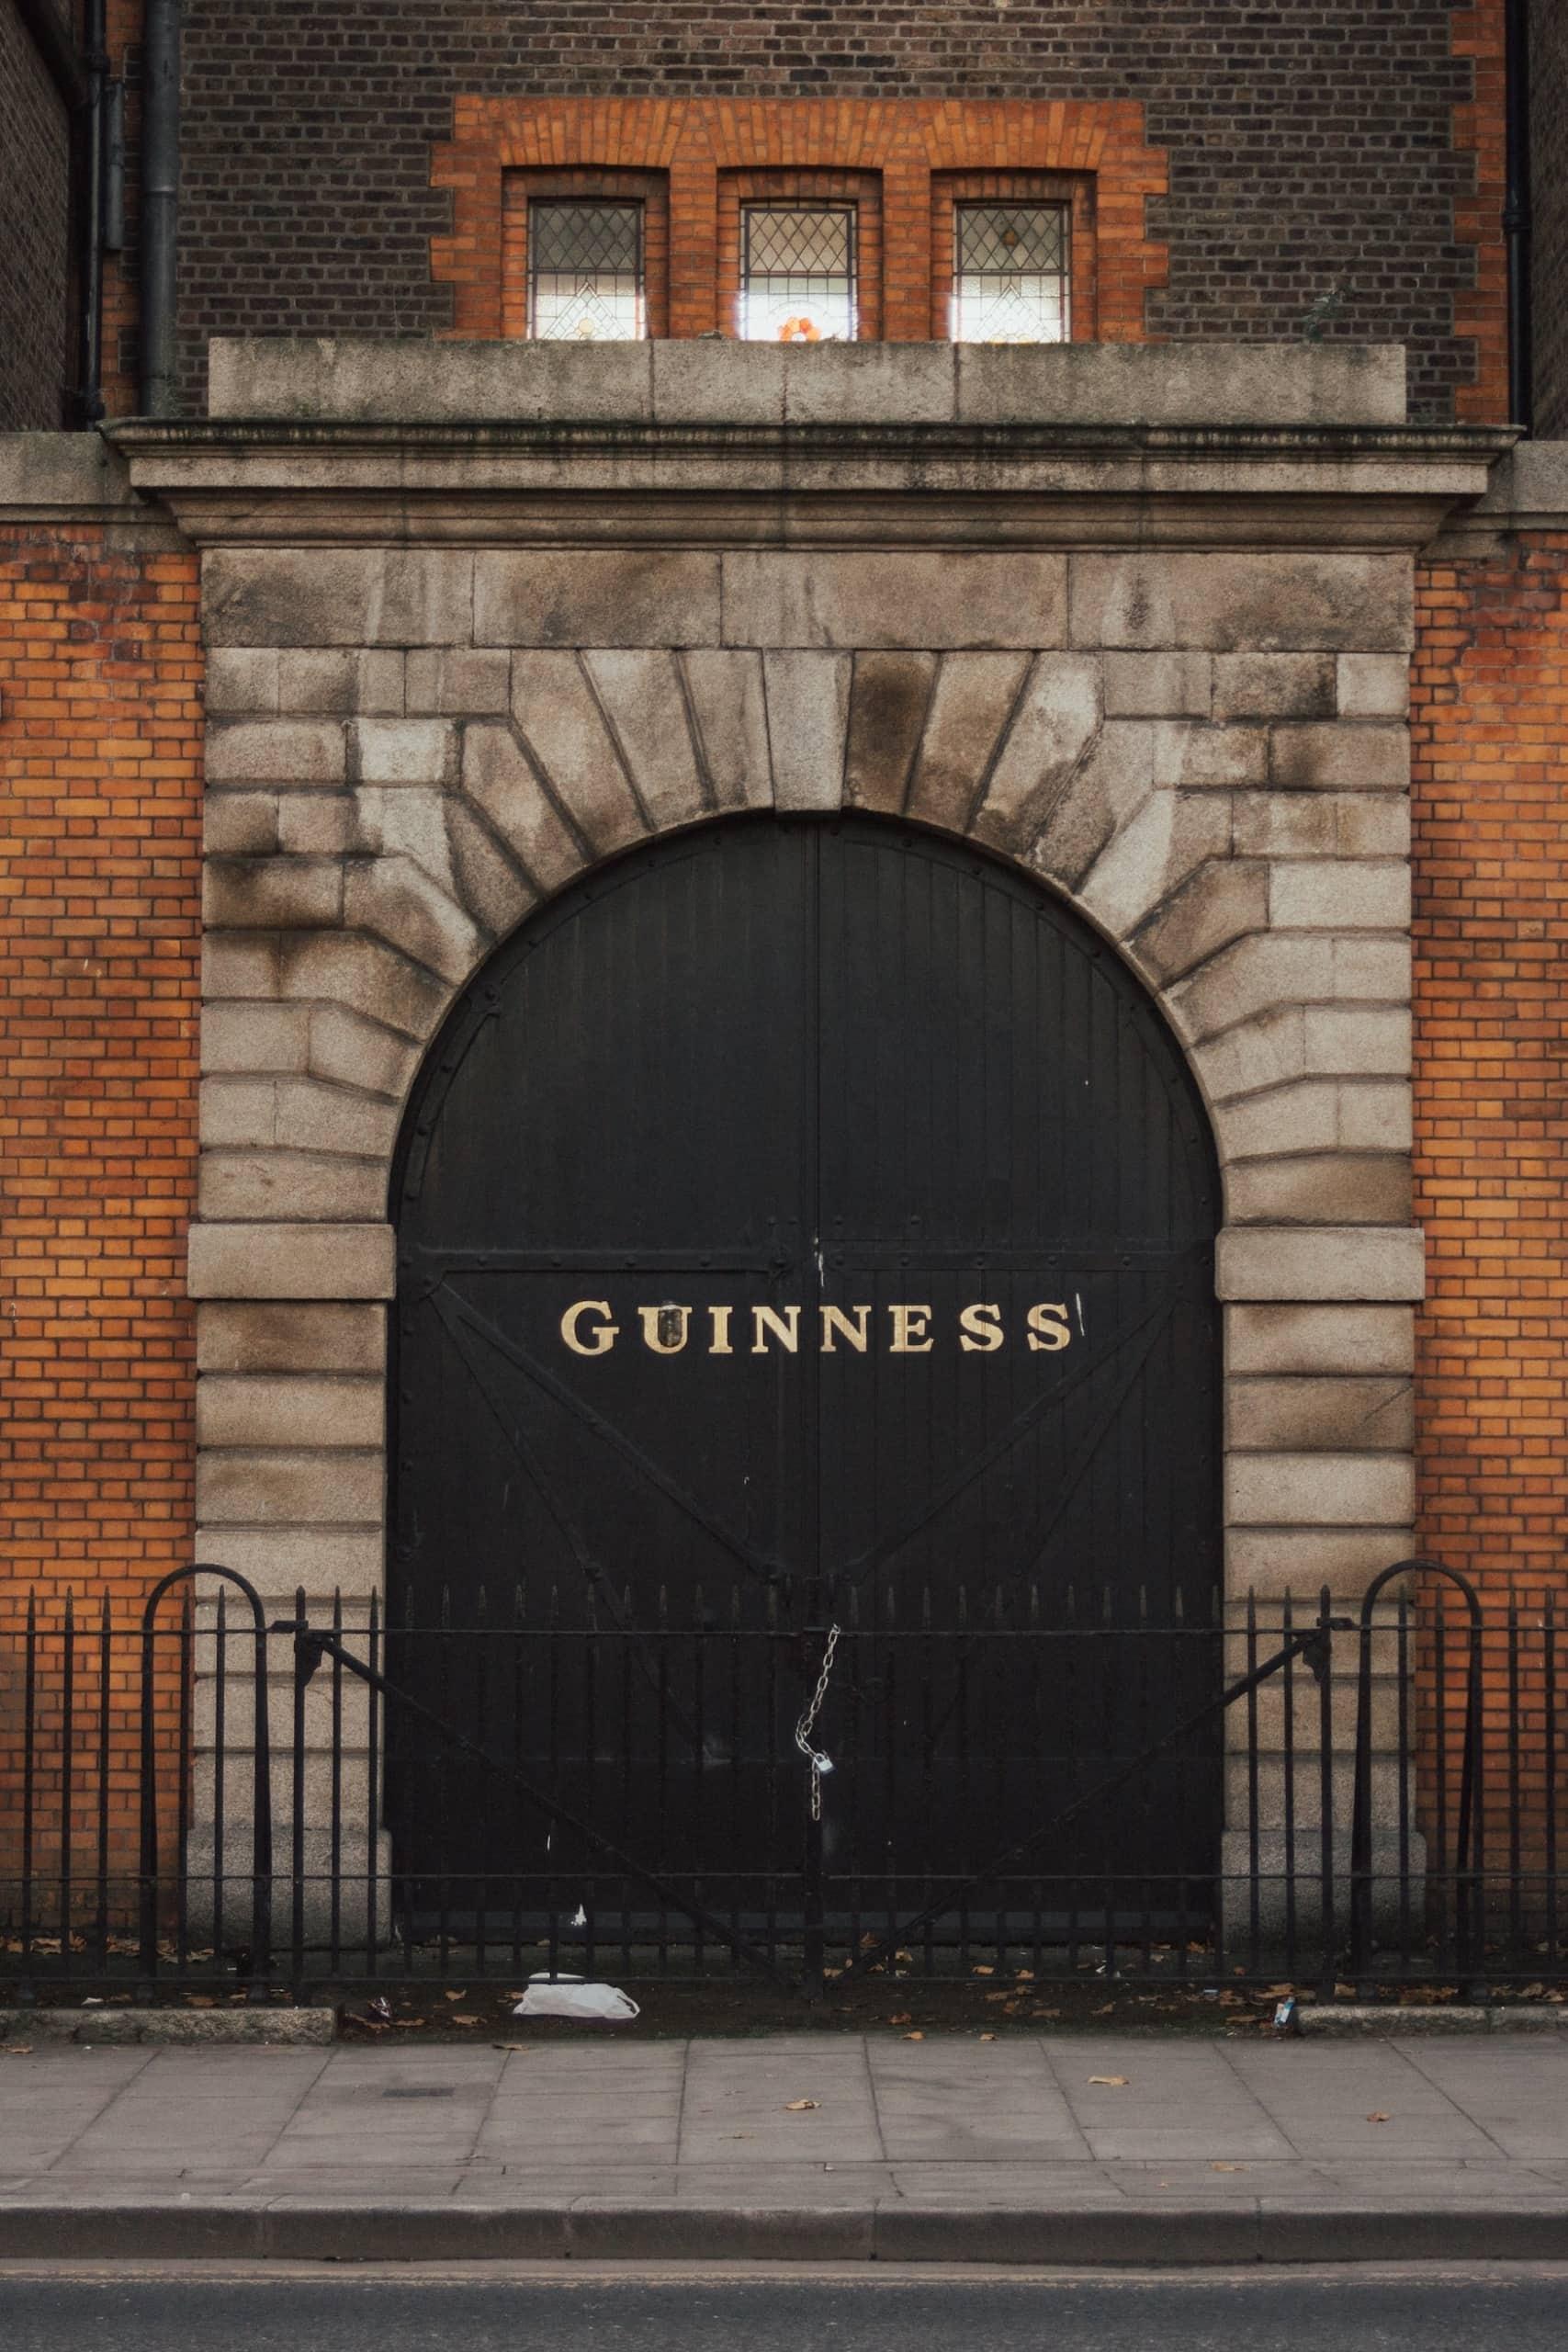 Eine der Sehenswürdigkeiten von Dublin ist die Guinness Fabrik